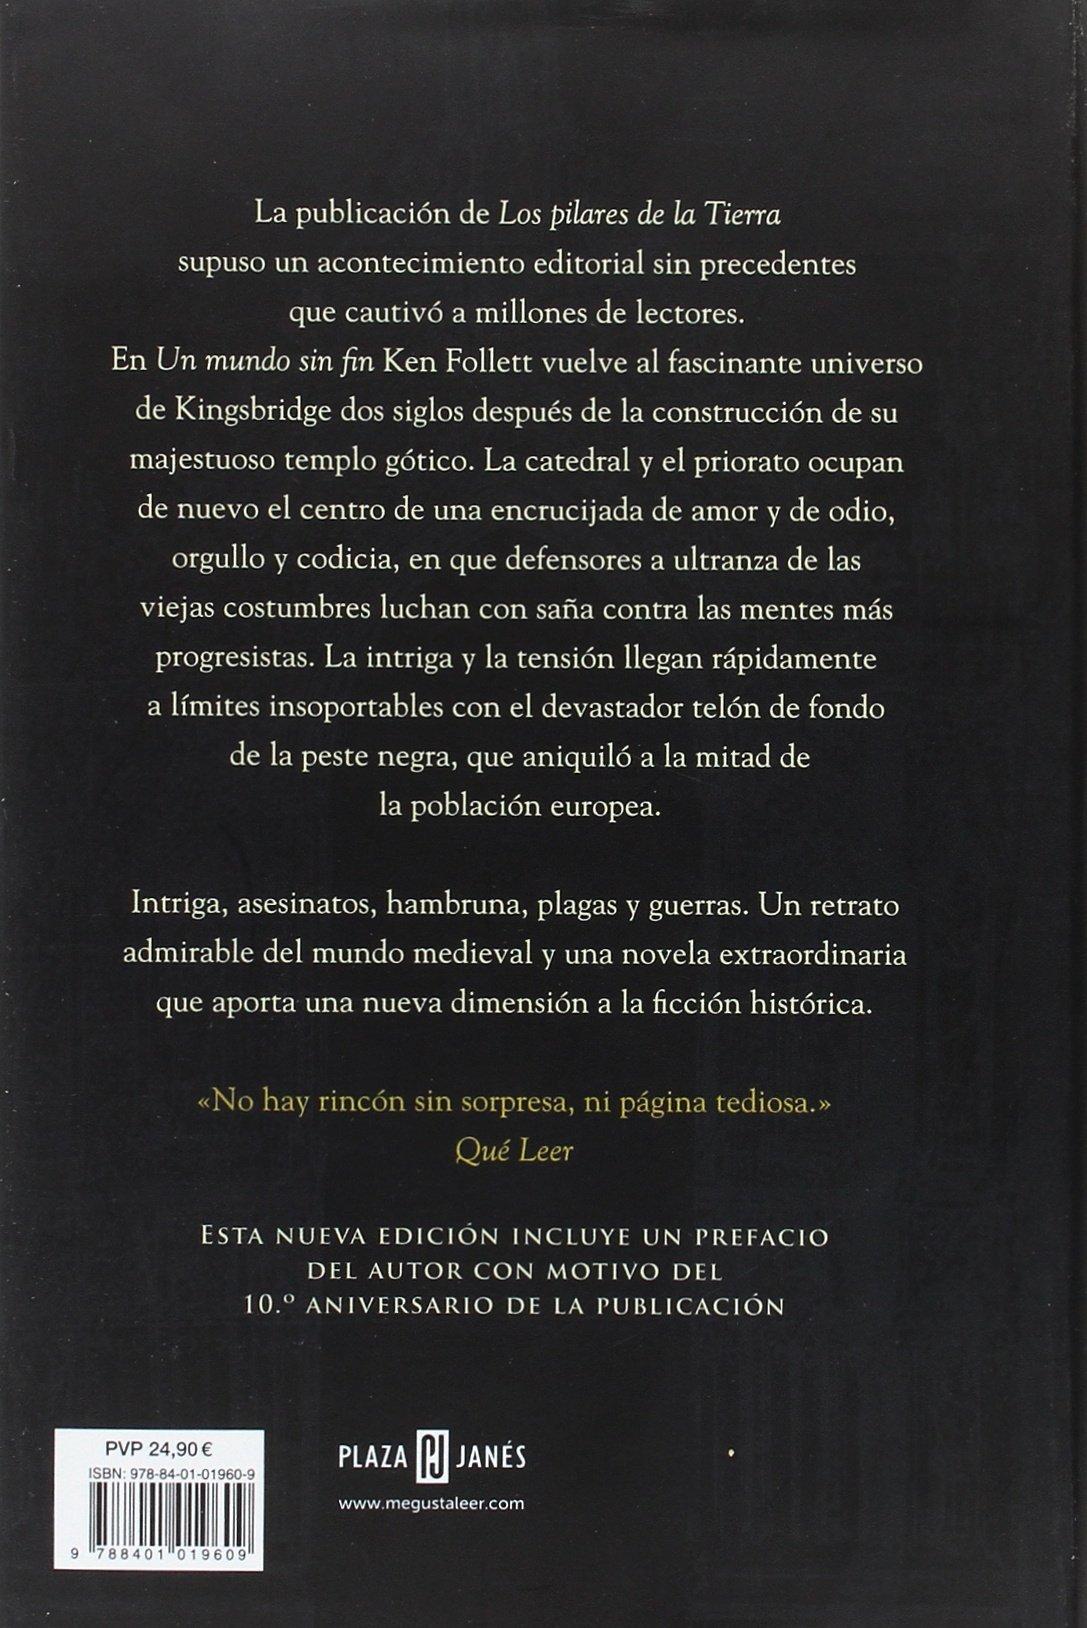 Un mundo sin fin edición 10º aniversario Saga Los pilares de la ...